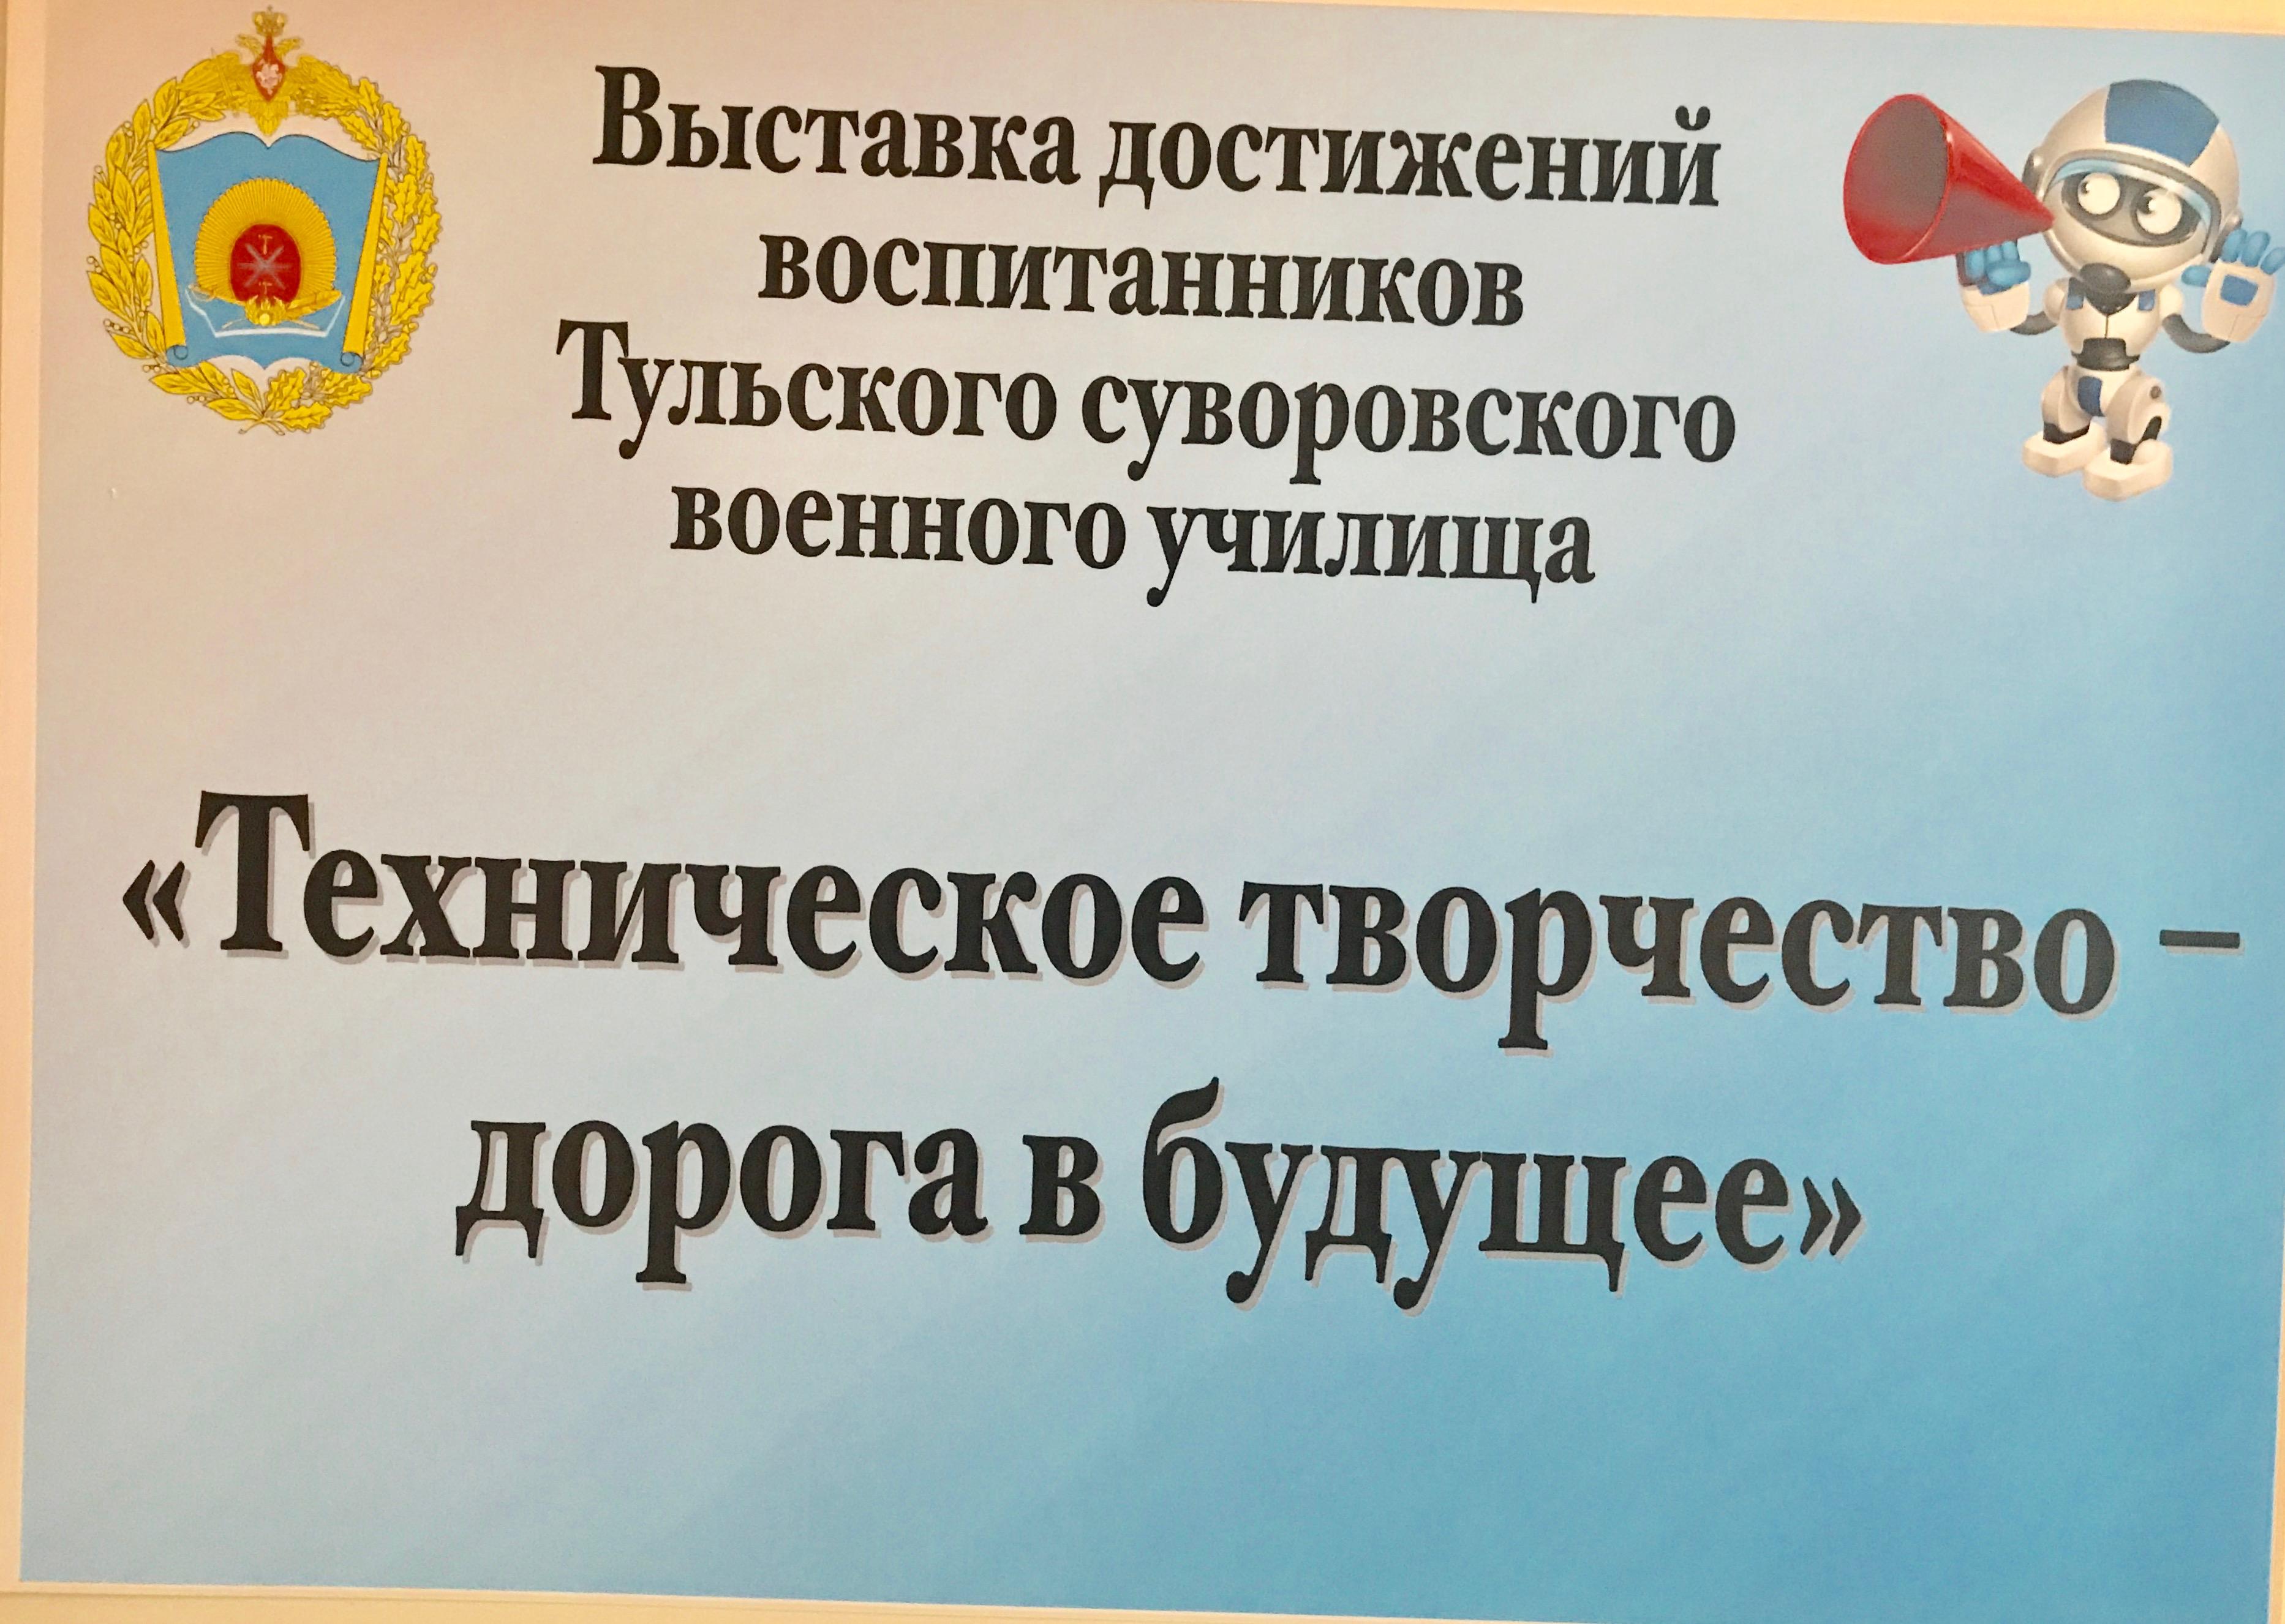 7 июня 2018 года в Тульском суворовском военном училище состоялось ежегодное отчетное мероприятие дисциплин народного образования, в рамках которого была проведена научно-техническая выставка «Техническое творчество — дорога в будущее»